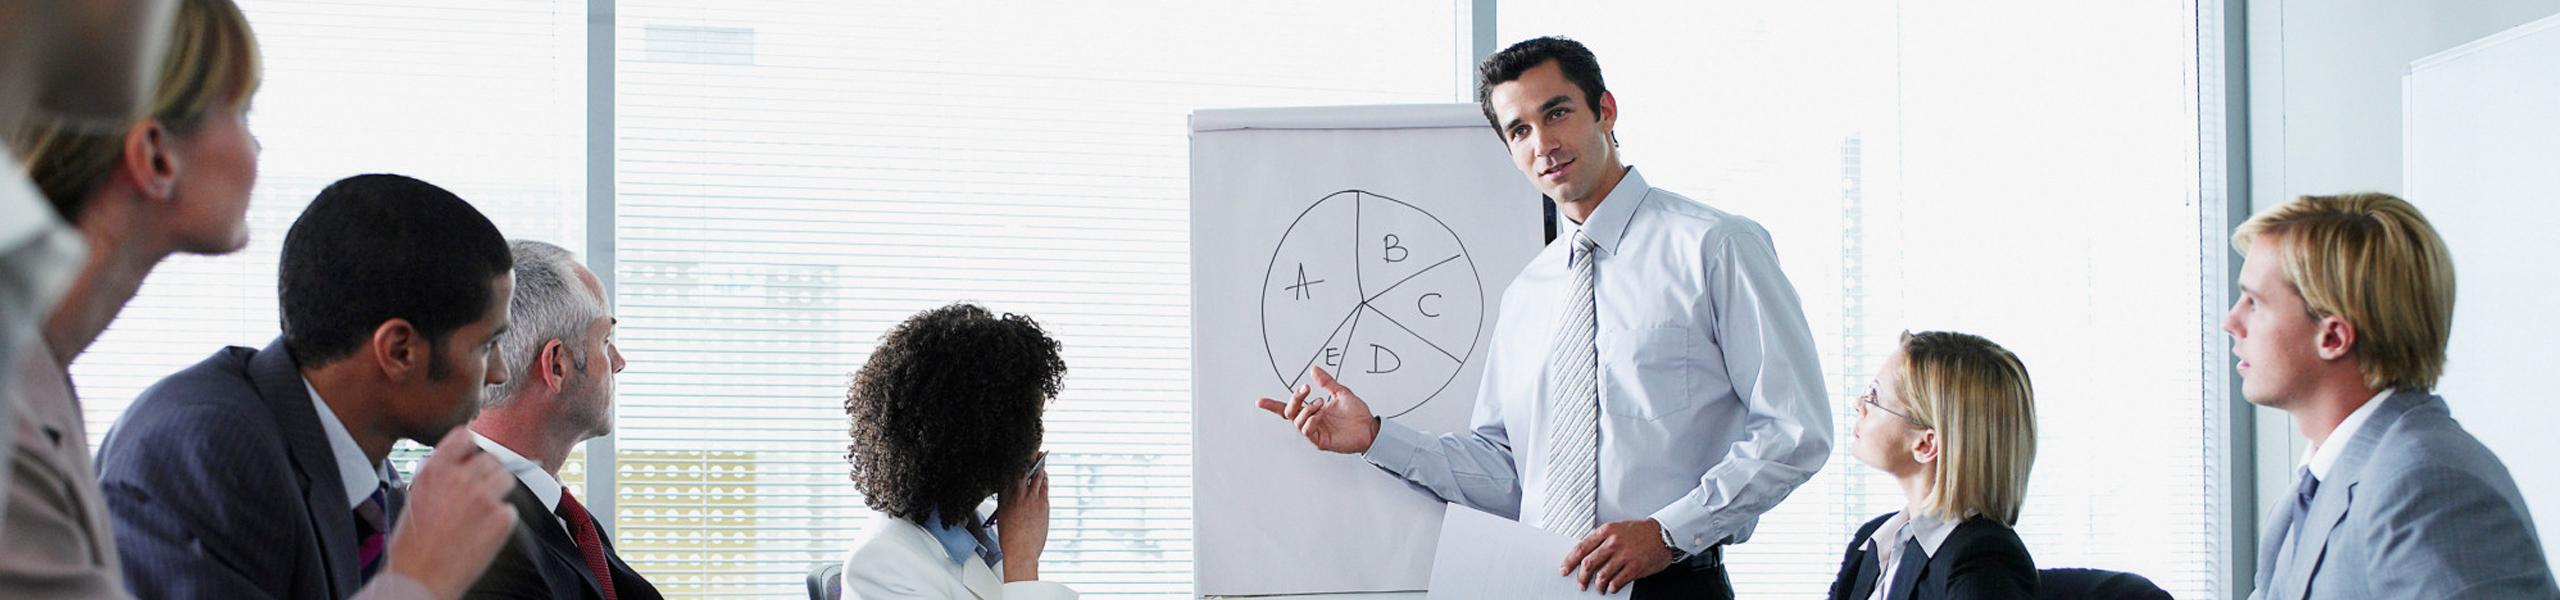 Gestão Estratégica, Finanças e ControladoriaMaster of Business Administration (M.B.A.)